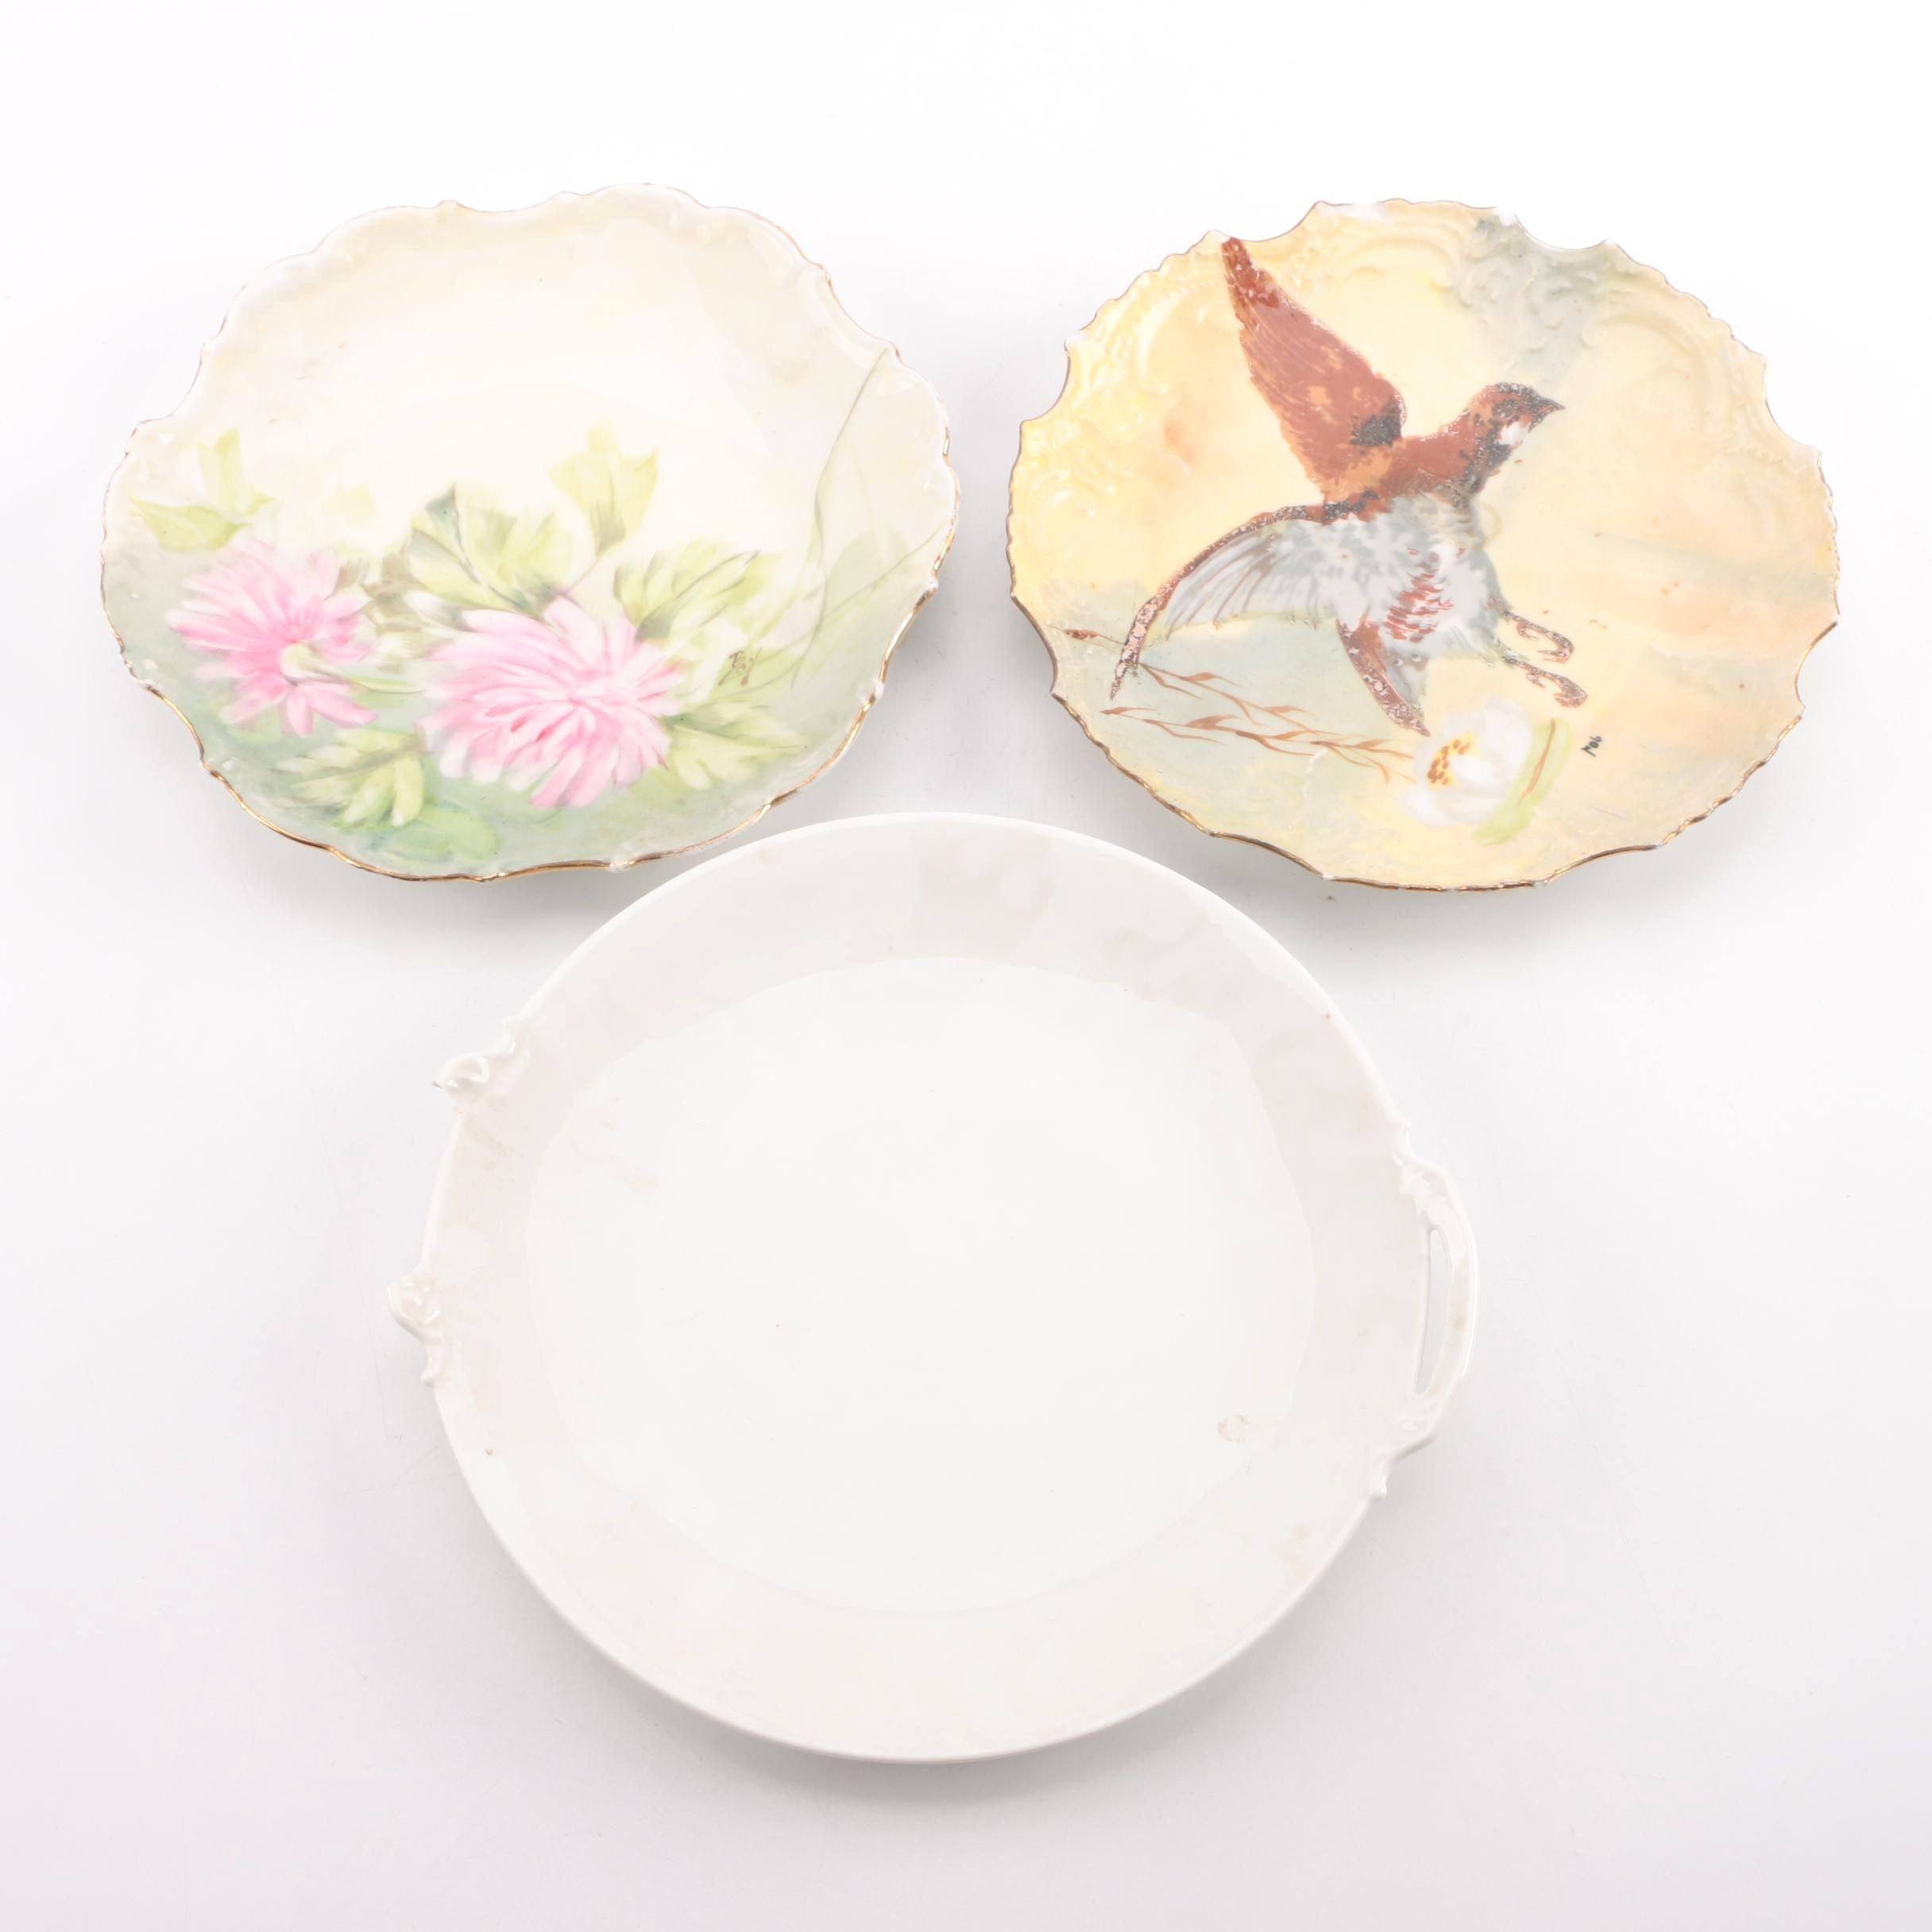 Antique Limoges Porcelain Plates Including Coiffe